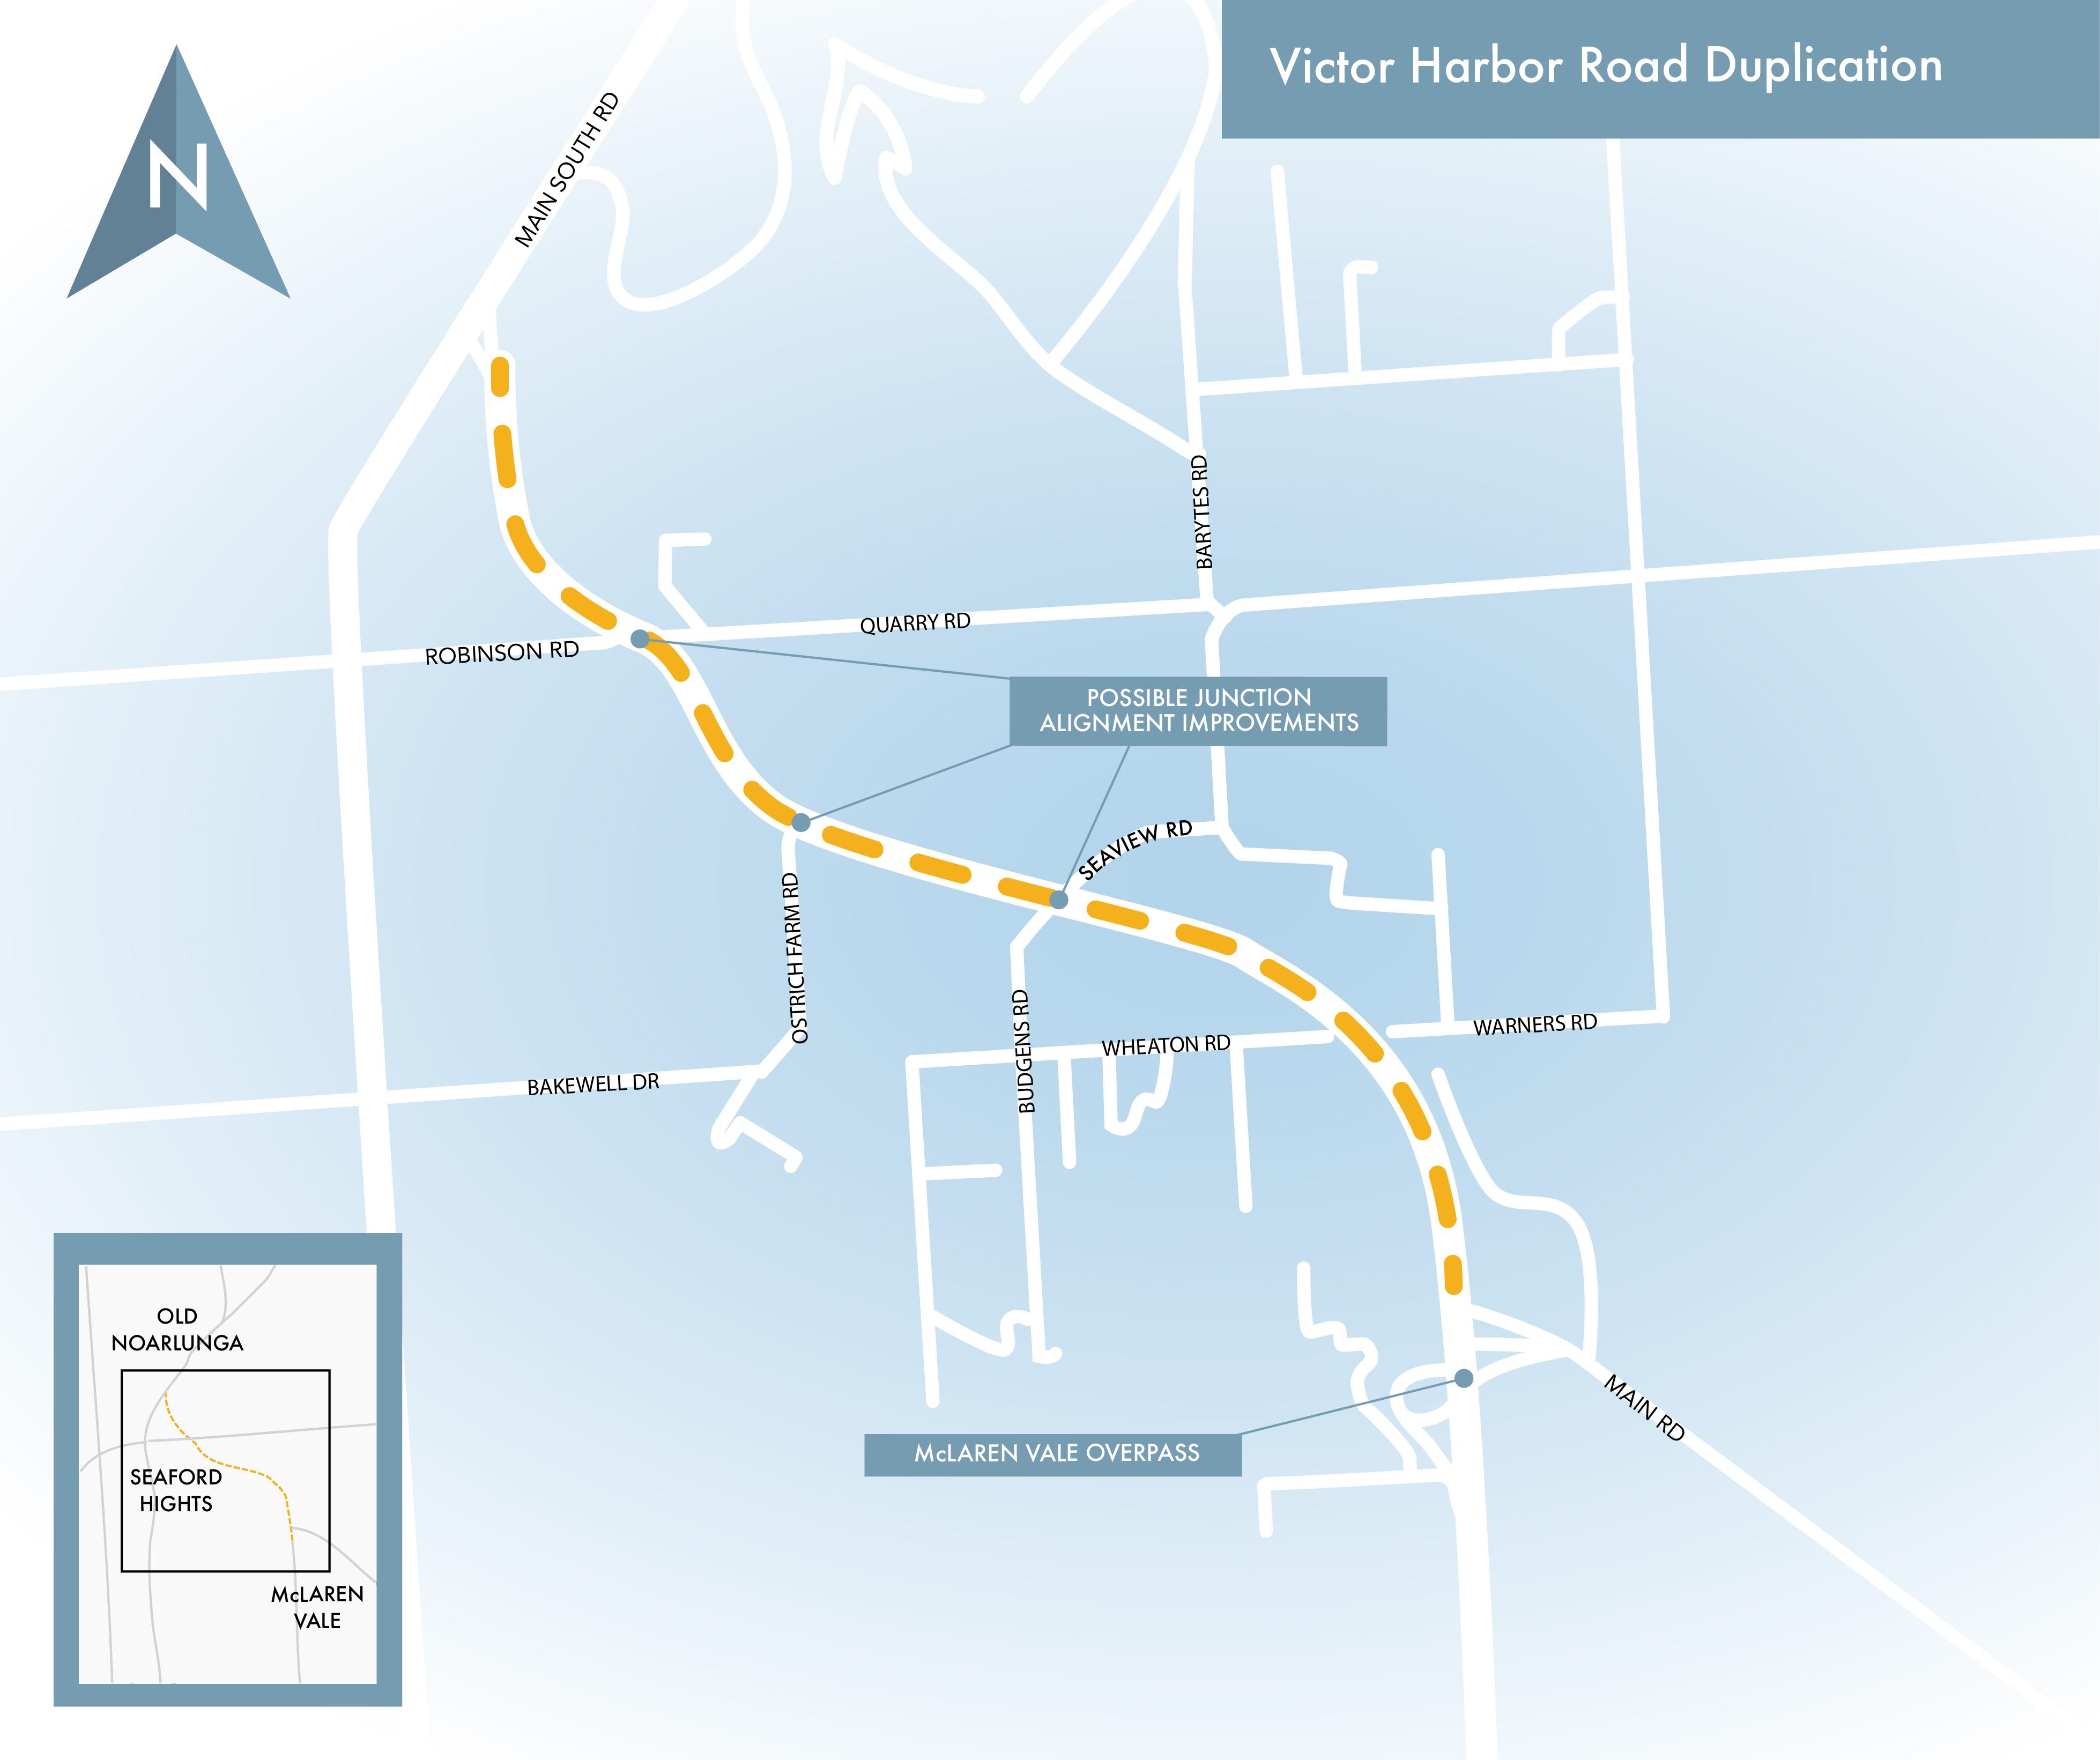 Victor Harbor Road